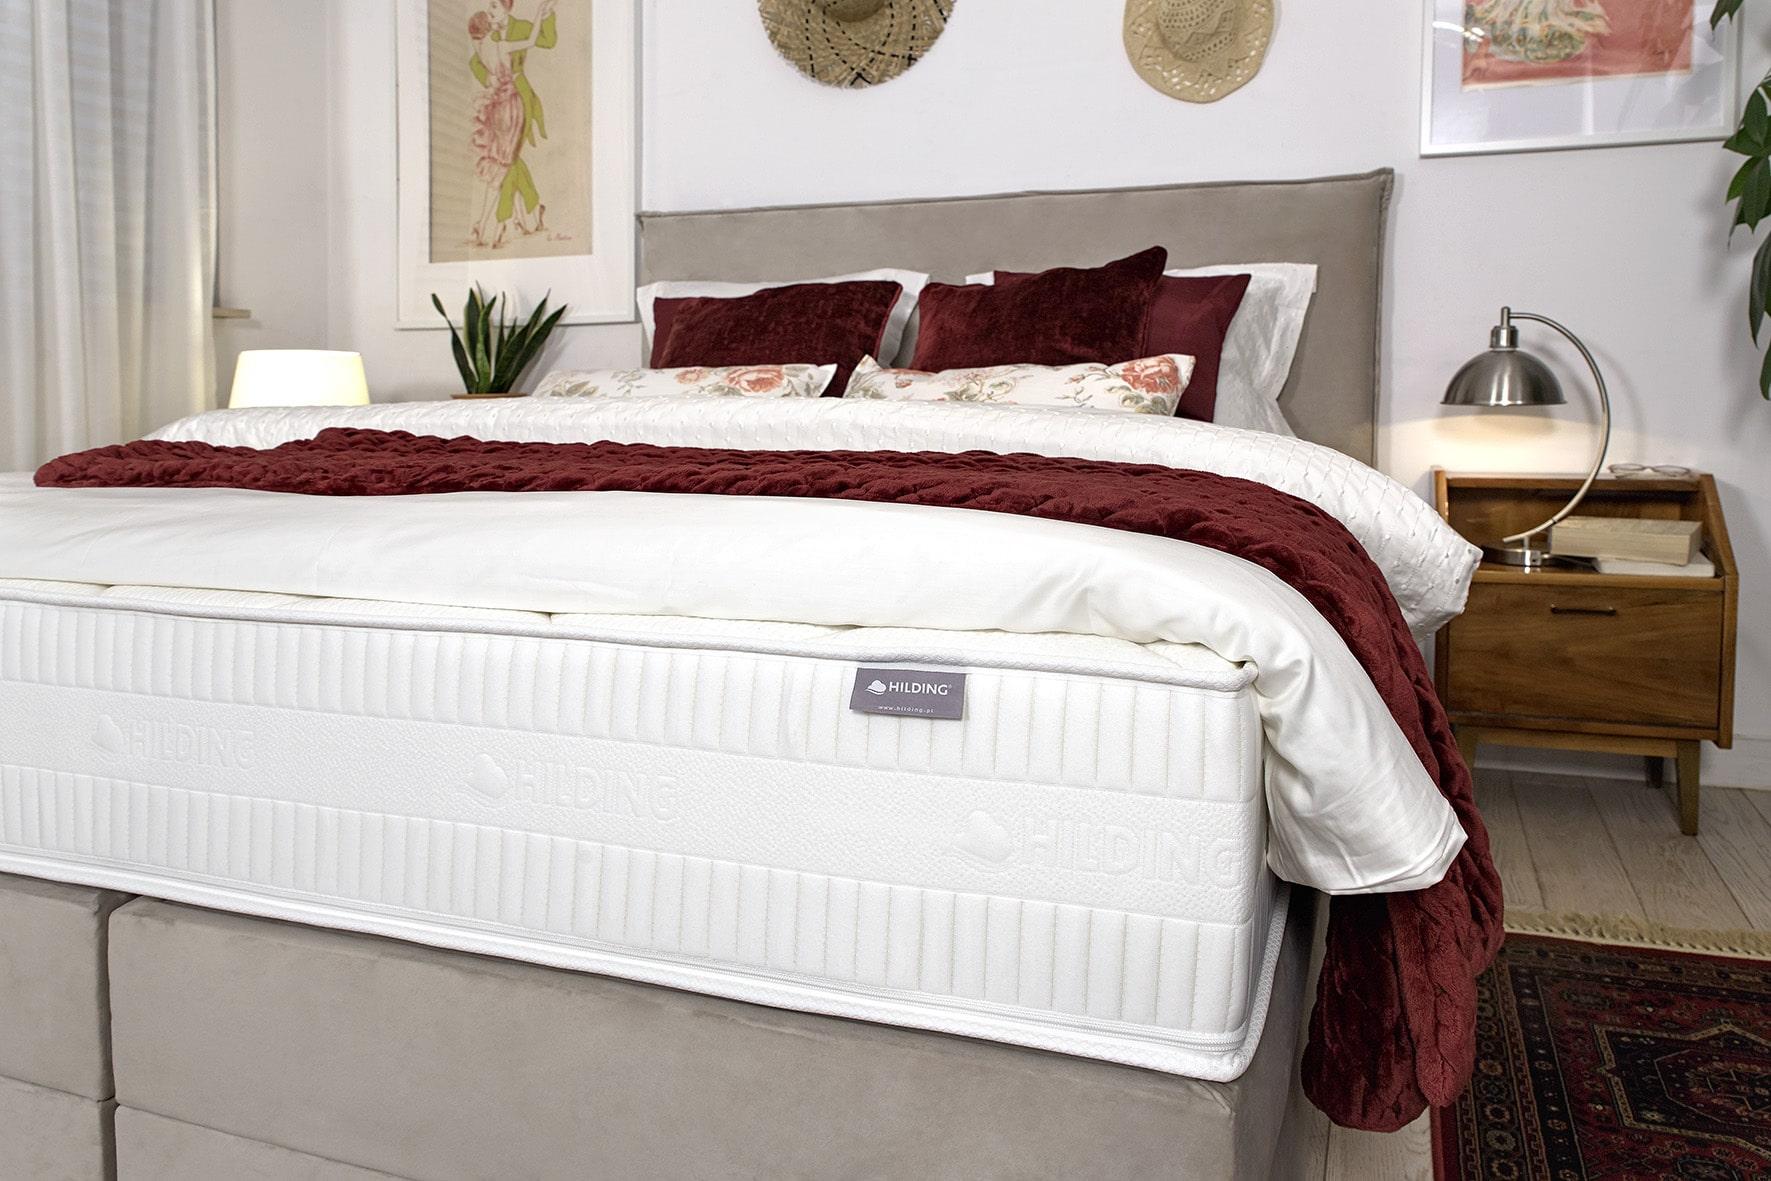 Dobranie materaca pod kątem przeznaczenia i pozycji spania